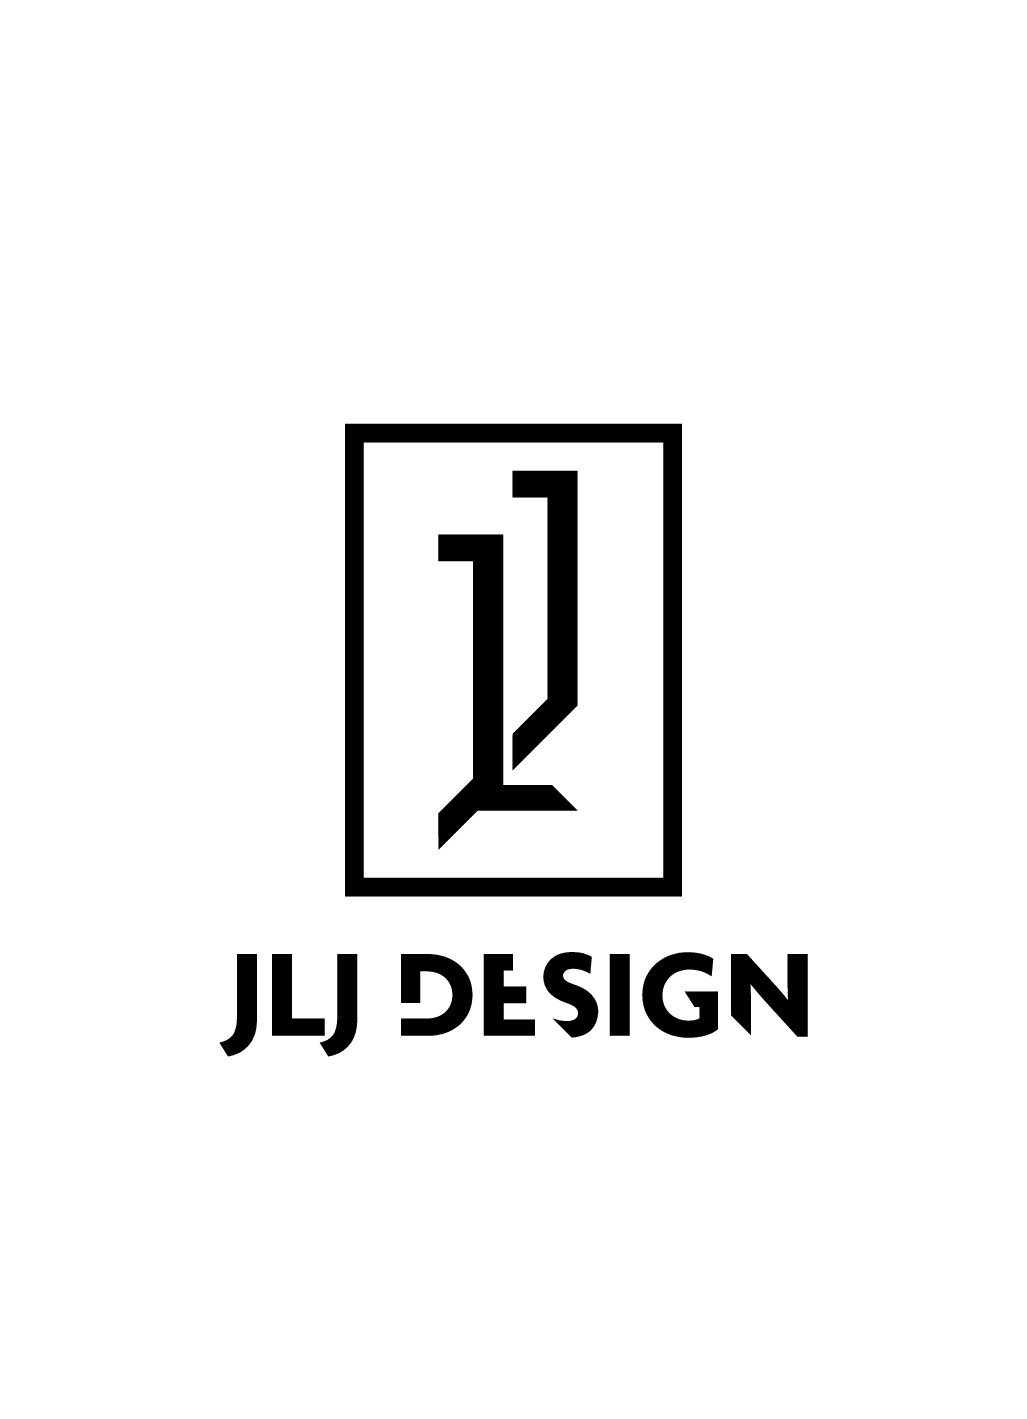 Established Interior Designer looking to freshly rebrand